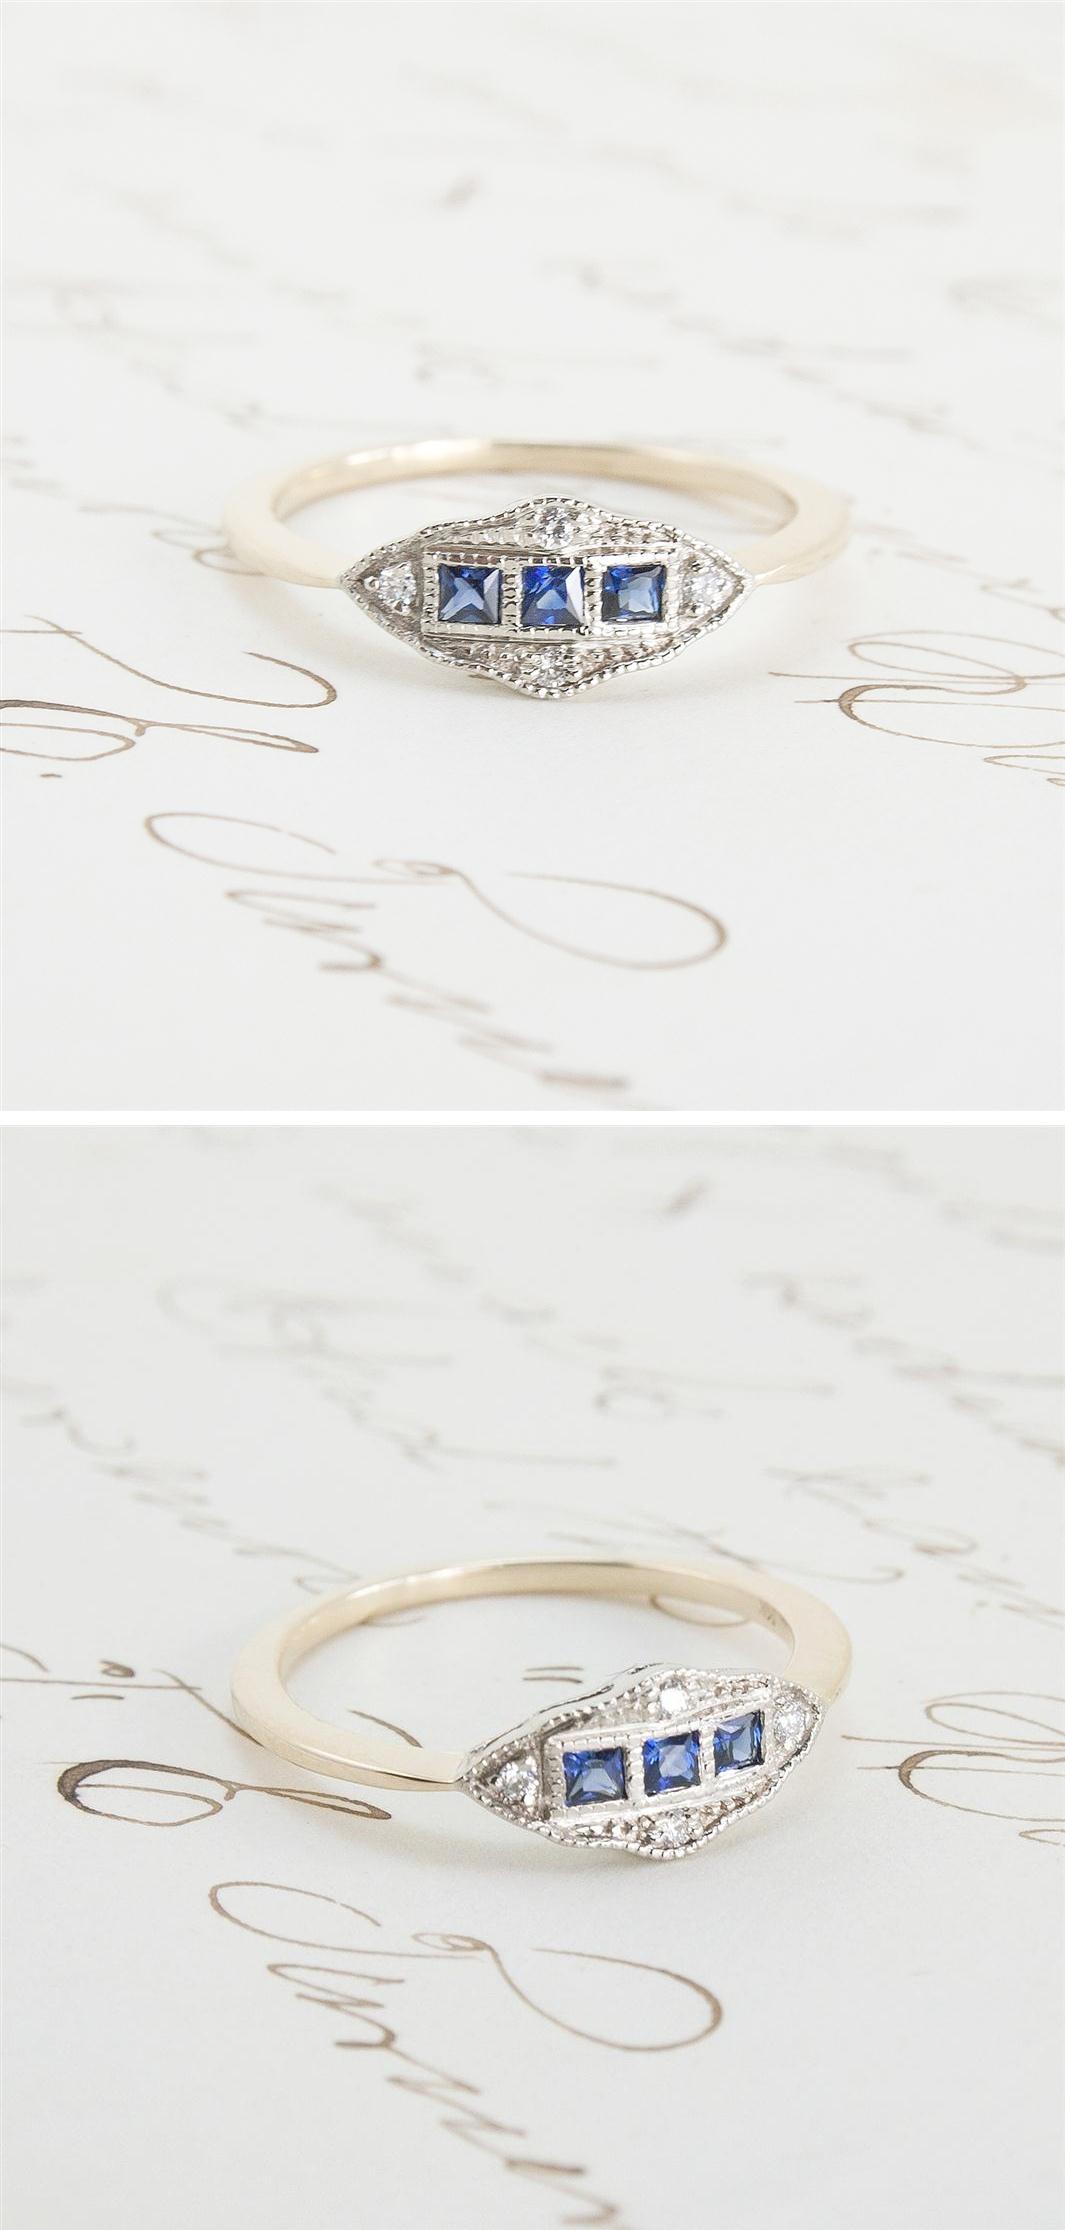 Erica Weiner 1909 Machine Age Ring